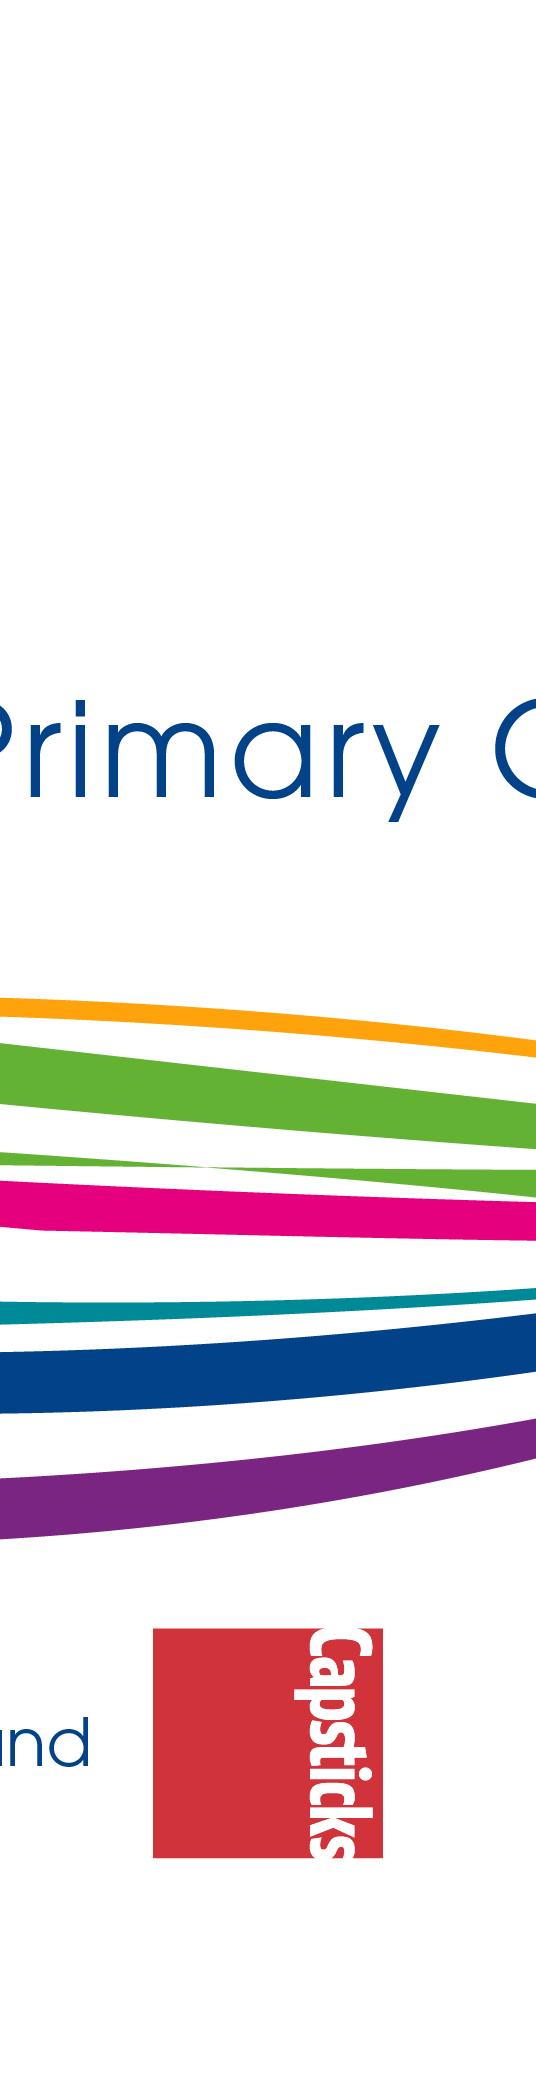 New NAPC primary care zone at Confed19